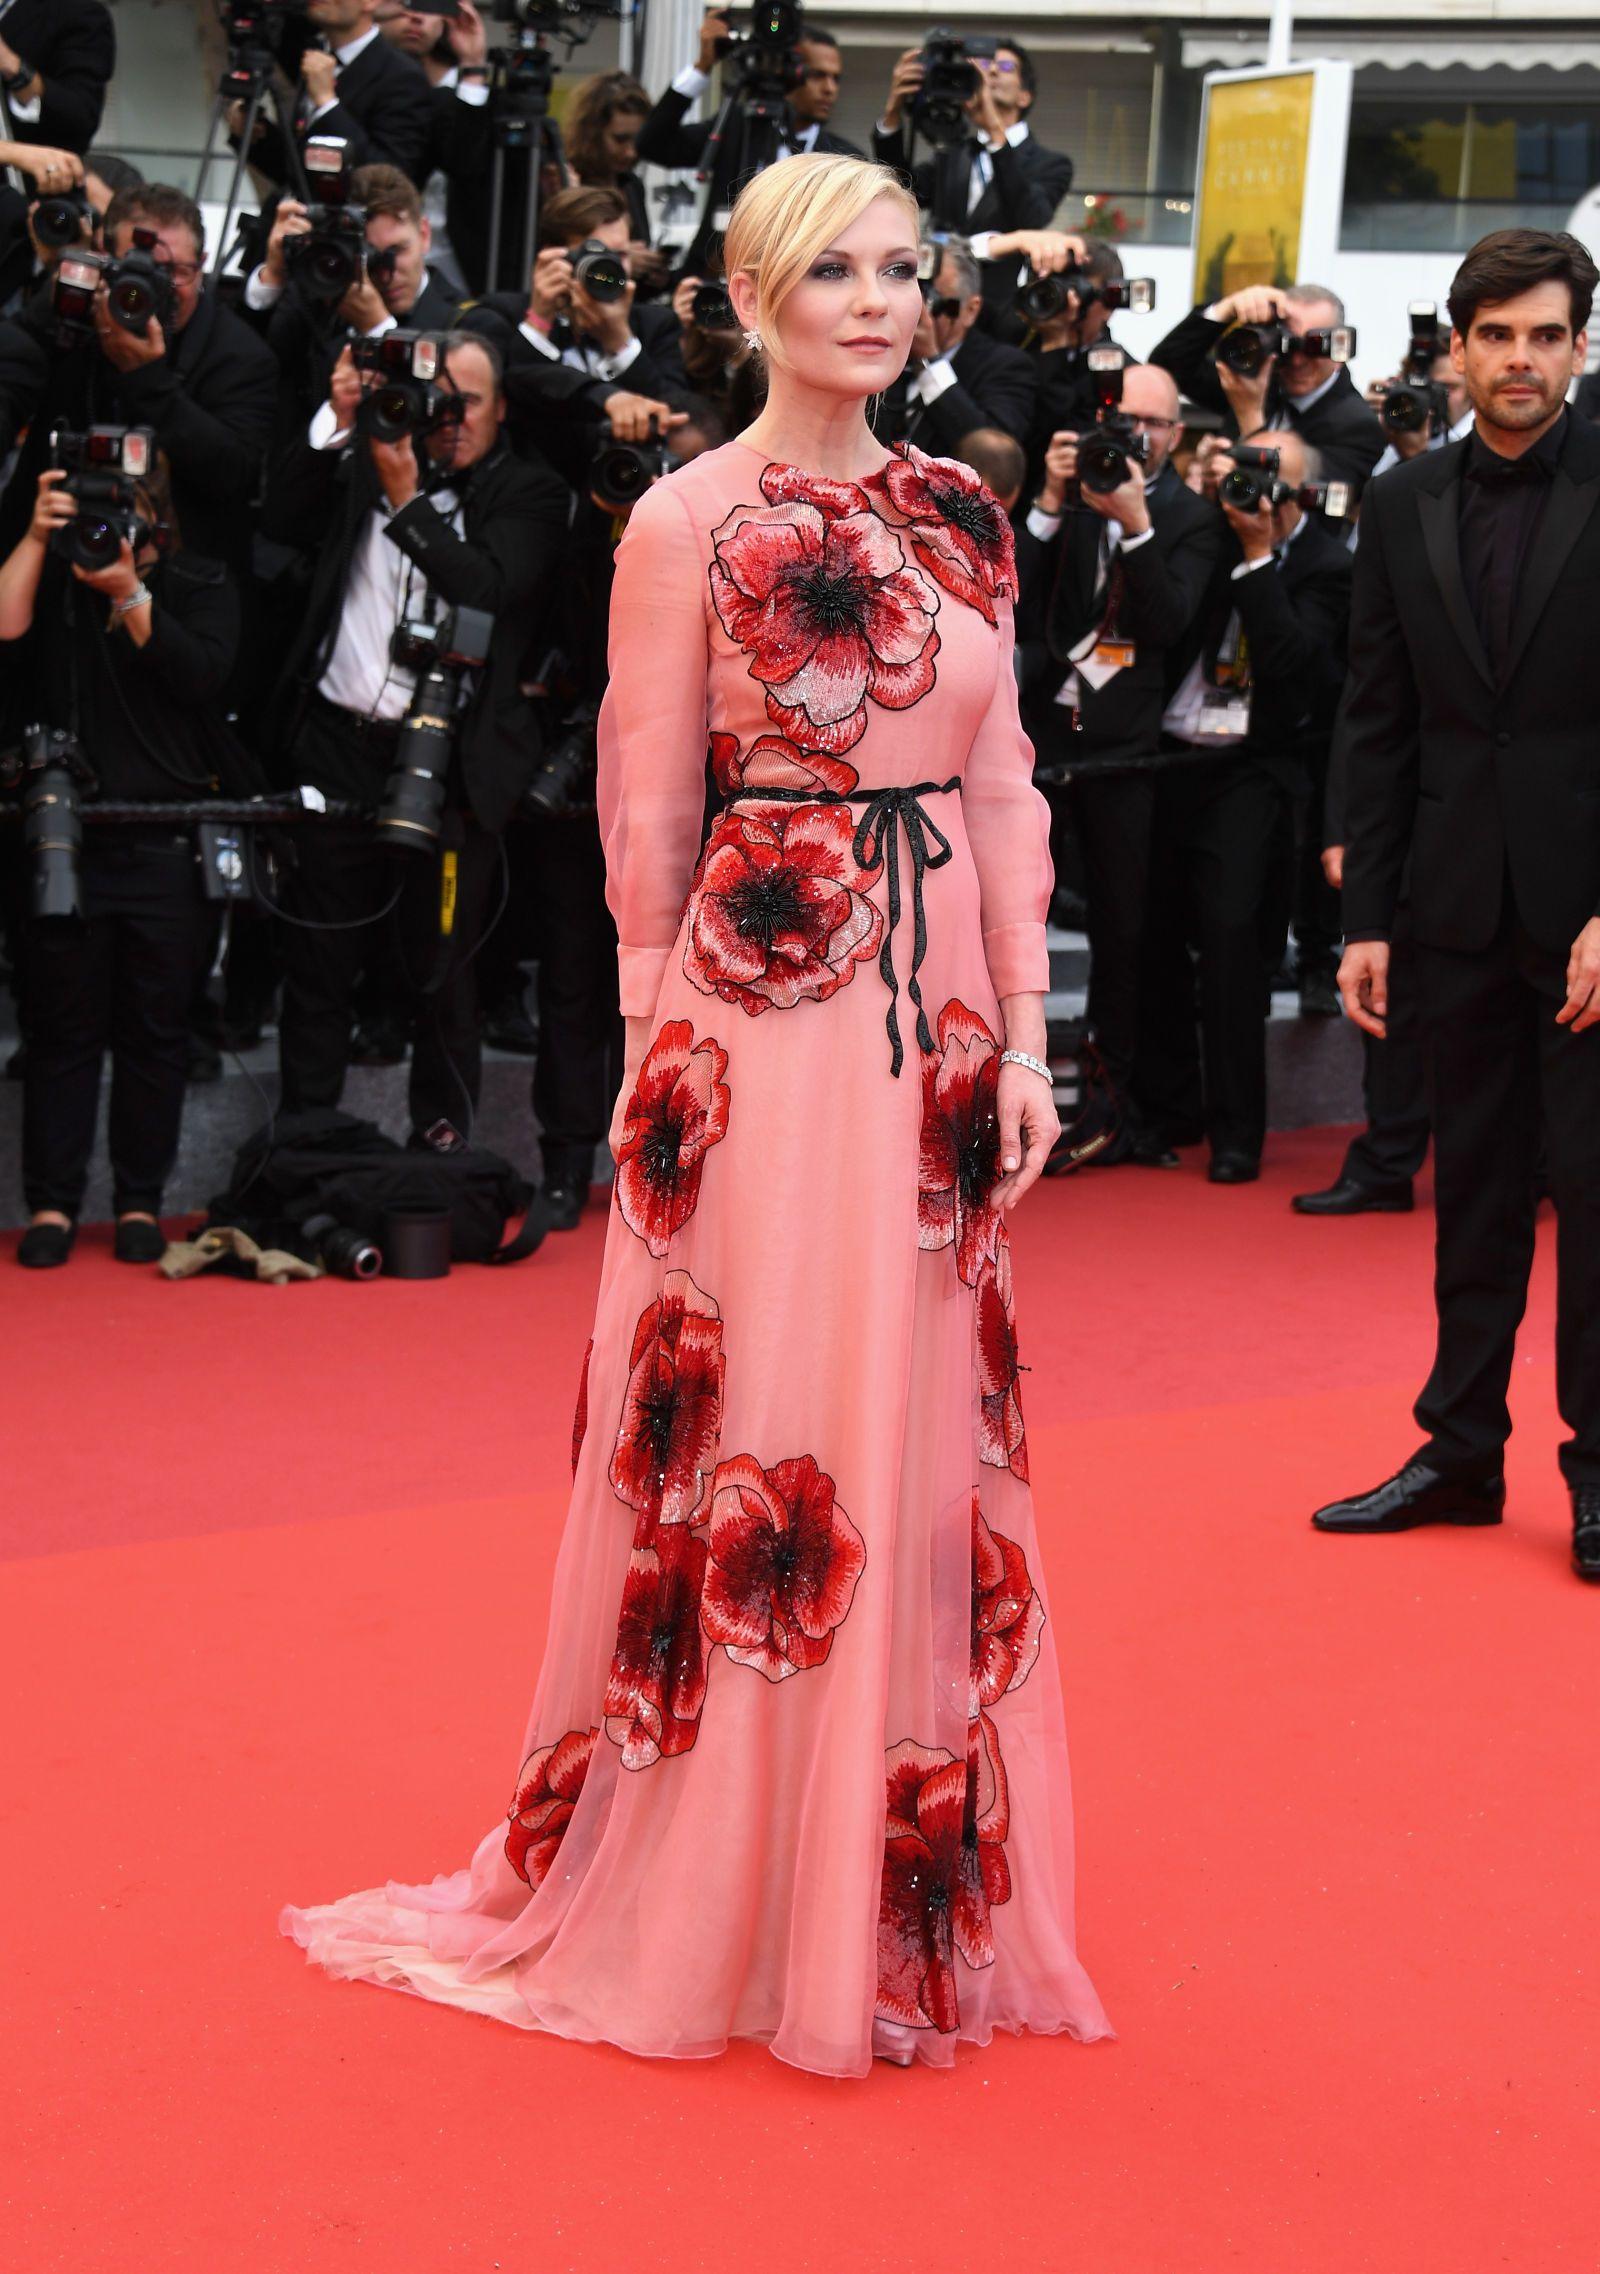 ee76c80826be I look più belli sul red carpet del Festival di Cannes 2016 -cosmopolitan.it